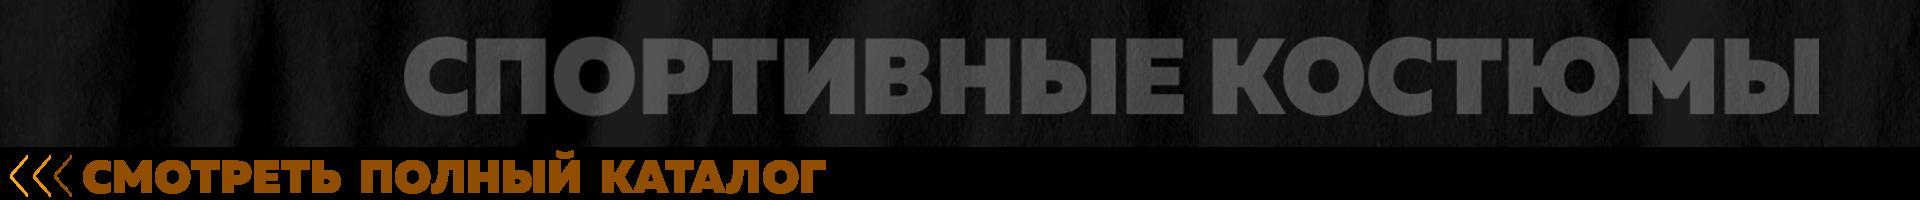 Перейти из магазина мужских спортивных костюмов Новокузнецк в полный каталог.